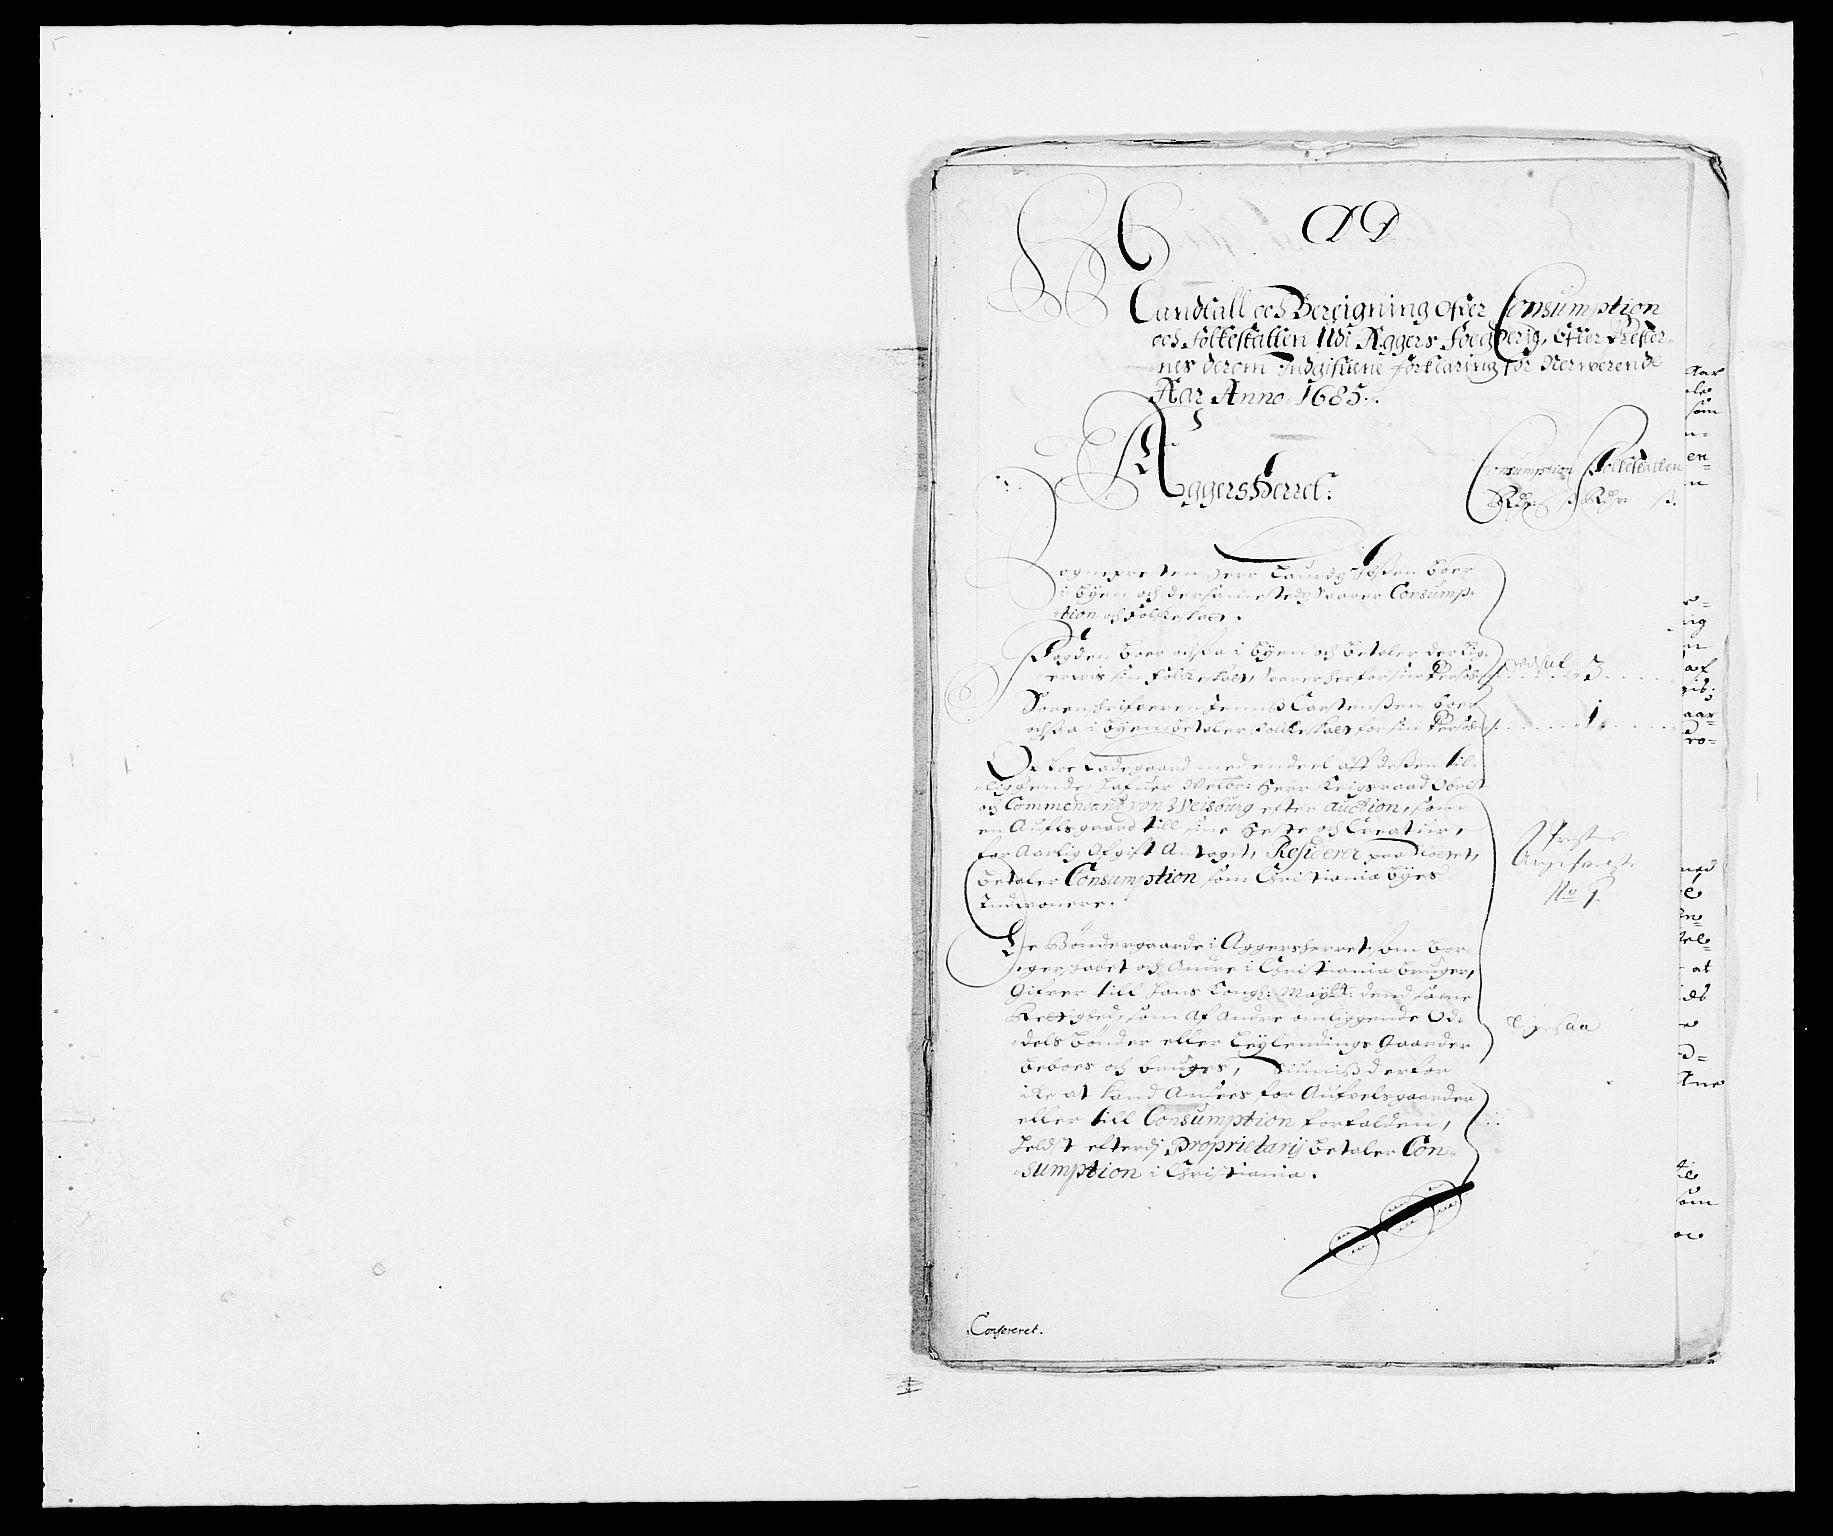 RA, Rentekammeret inntil 1814, Reviderte regnskaper, Fogderegnskap, R08/L0421: Fogderegnskap Aker, 1682-1683, s. 197